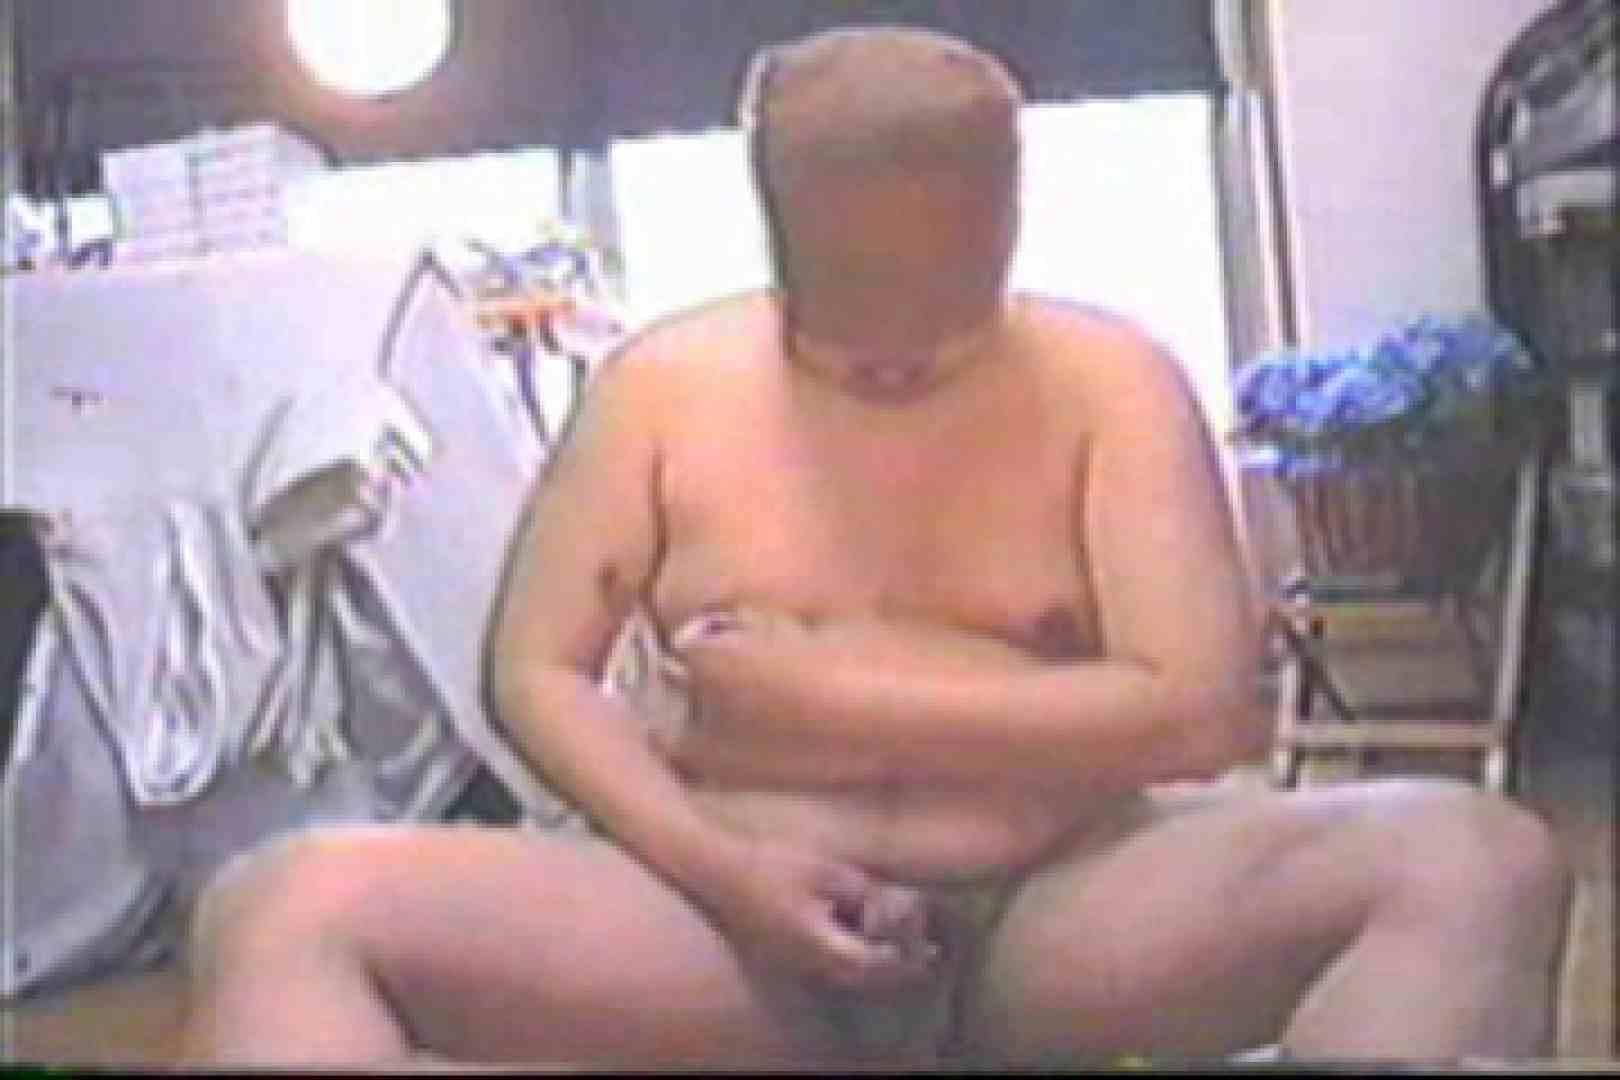 【実録】パンスト仮面は真性包茎!!Hなぽっちゃりカップル デブ ゲイ無料エロ画像 80pic 30